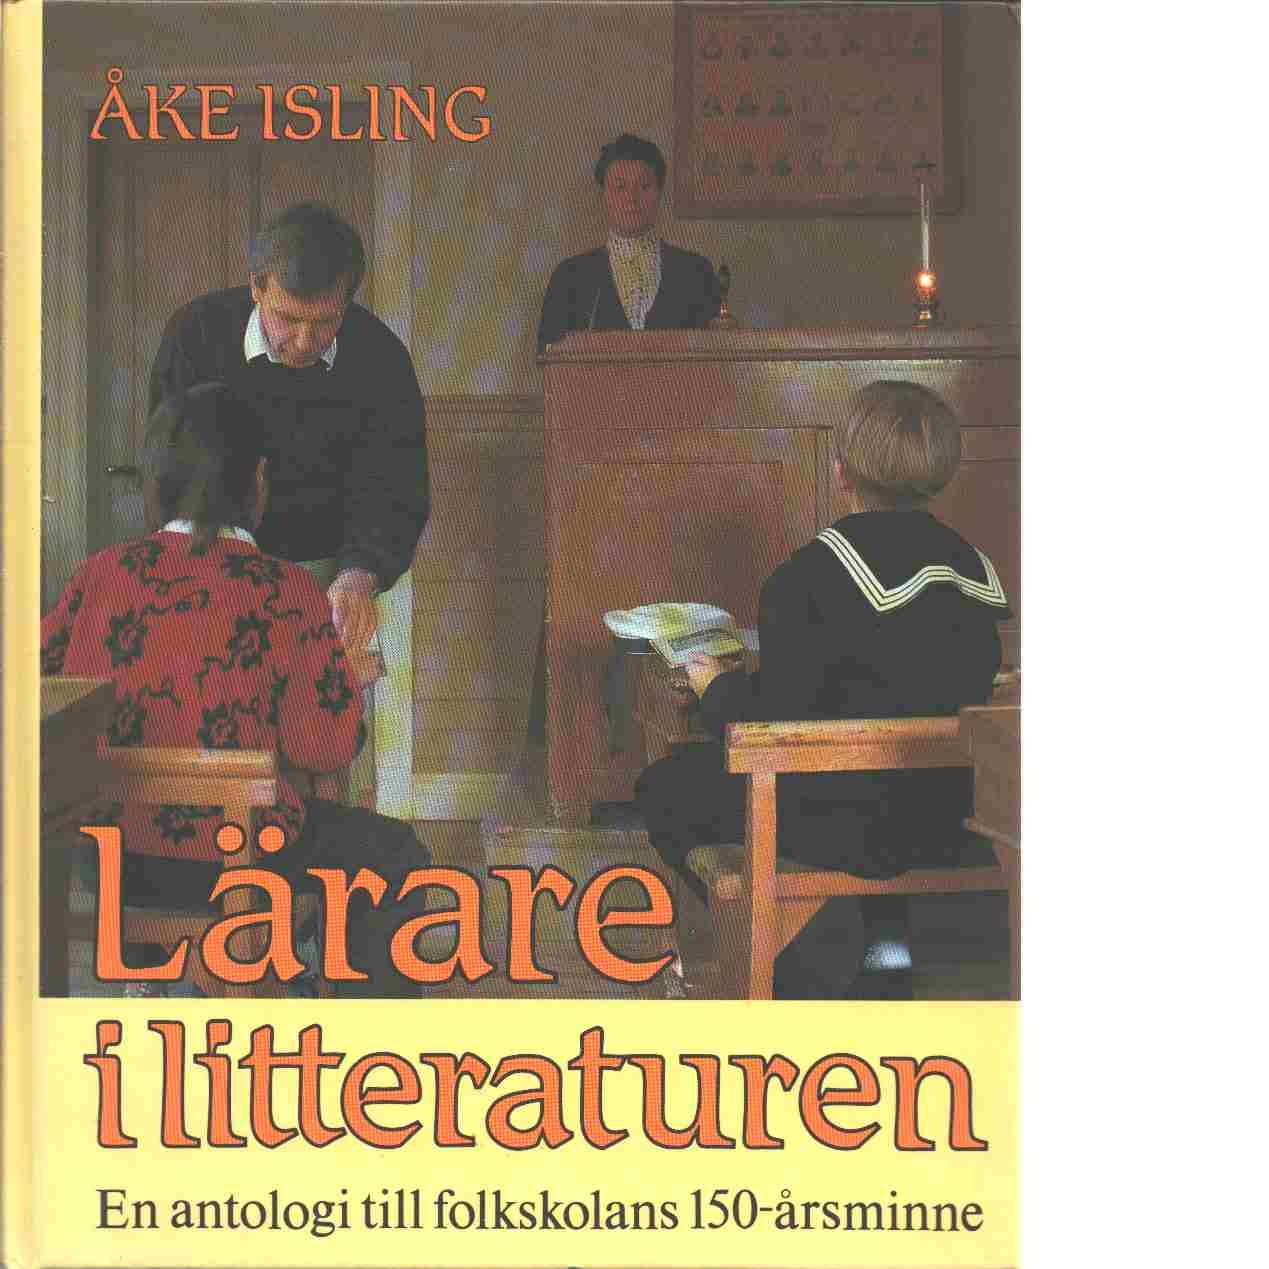 Lärare i litteraturen : en antologi till folkskolans 150-årsminne - Red. Isling, Åke